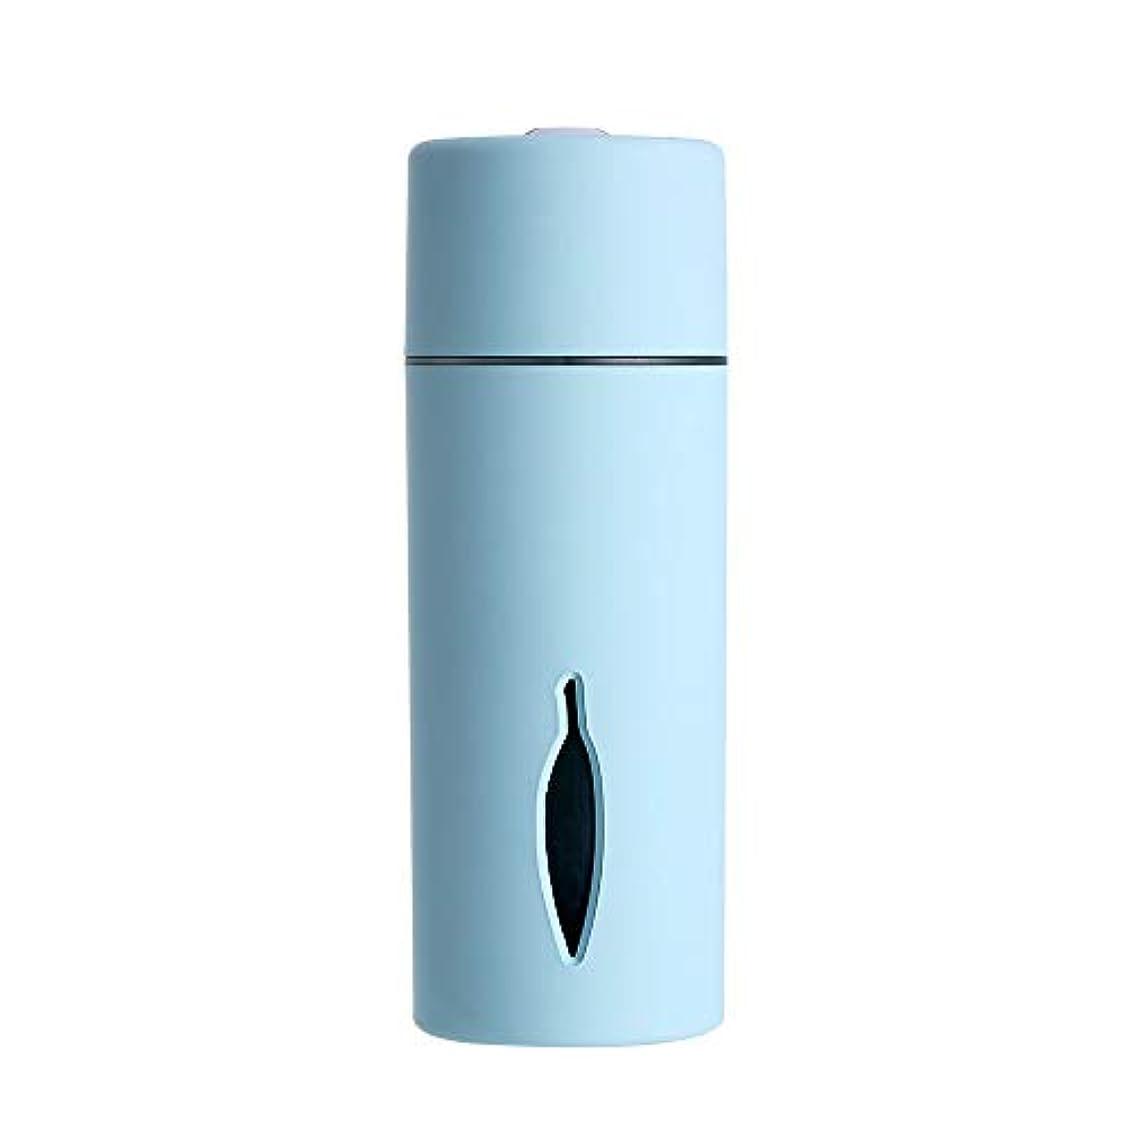 バーベキュー苦行構築するZXF クリエイティブ新しいカラフルな夜の光の葉加湿器usb車のミニホームスプレー楽器水道メーターブルーセクションピンク 滑らかである (色 : Blue)